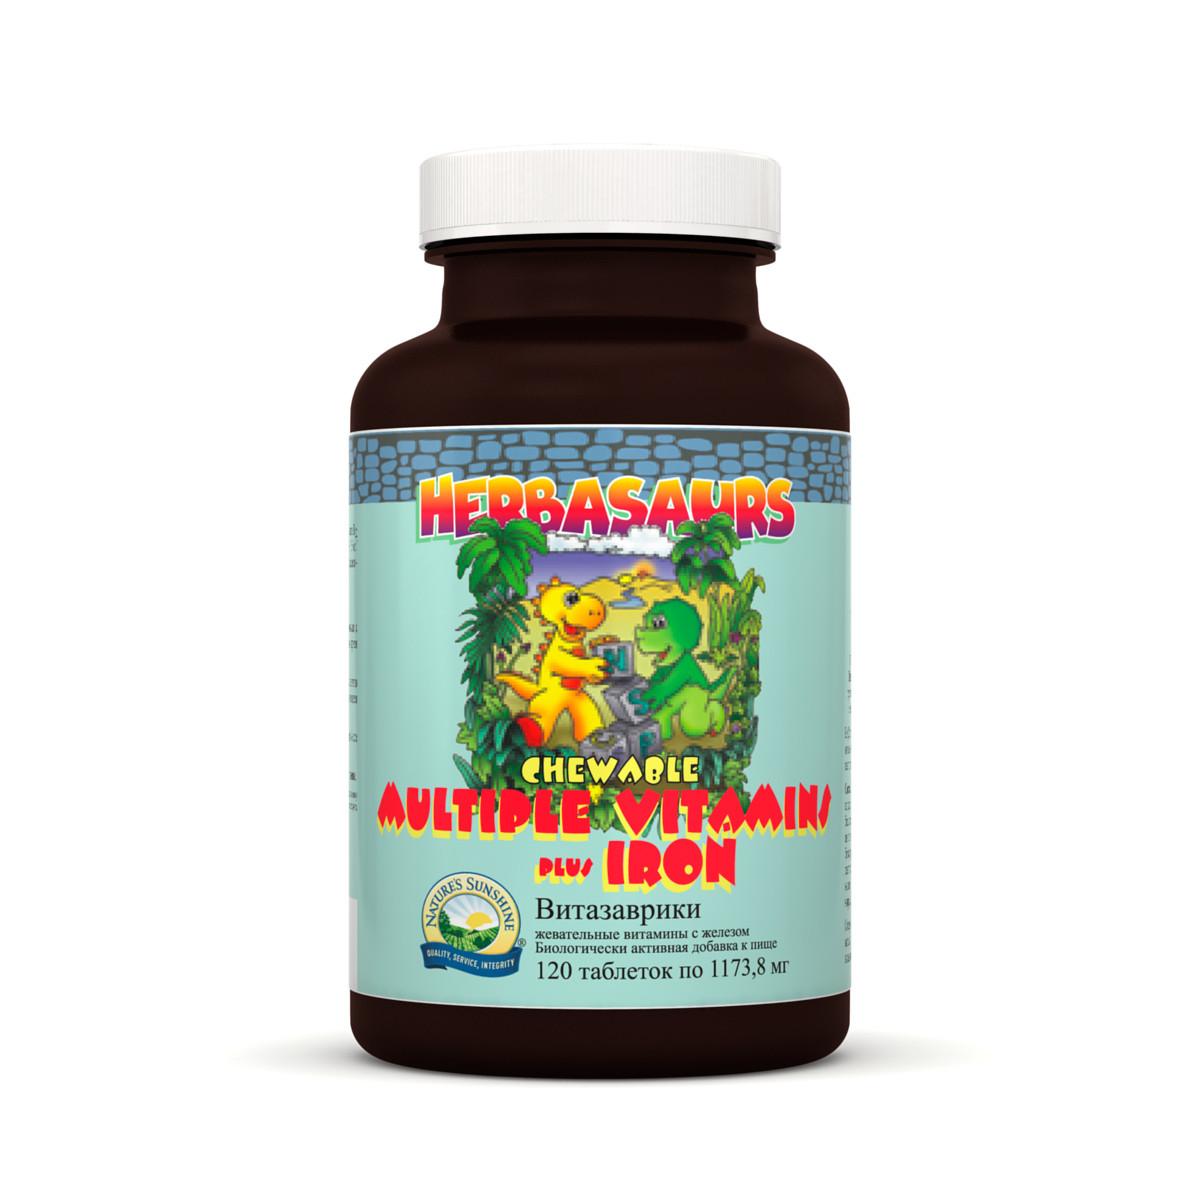 Бад Витазаврики жевательные витамины с железом